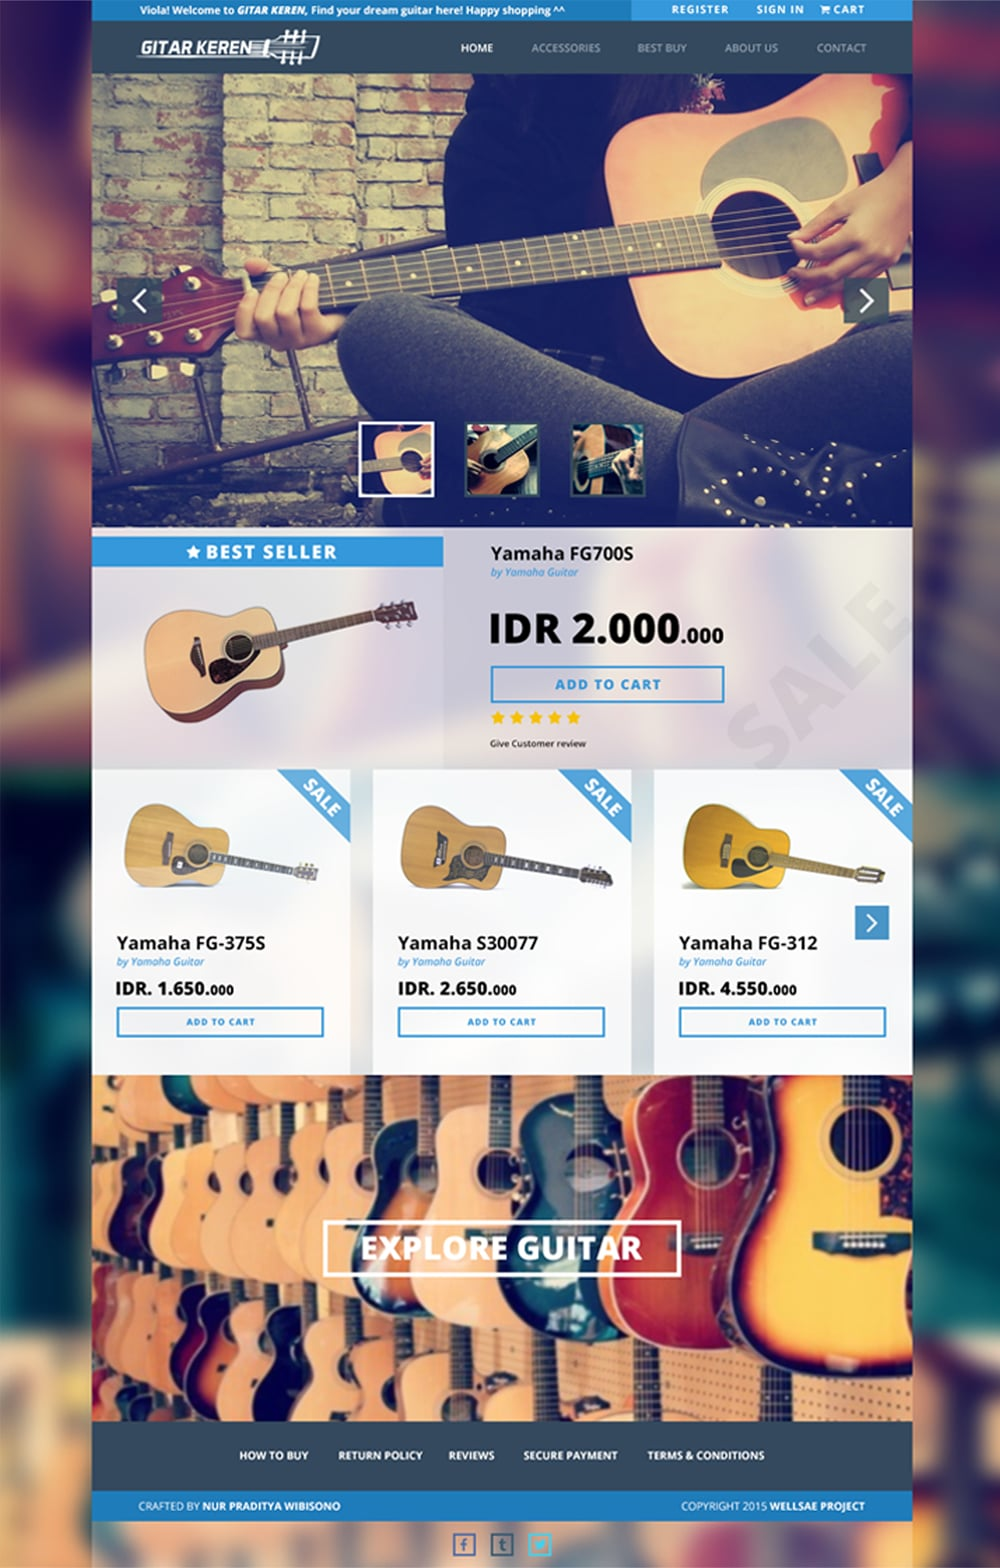 Gitar Keren - Free WebTemplate PSD